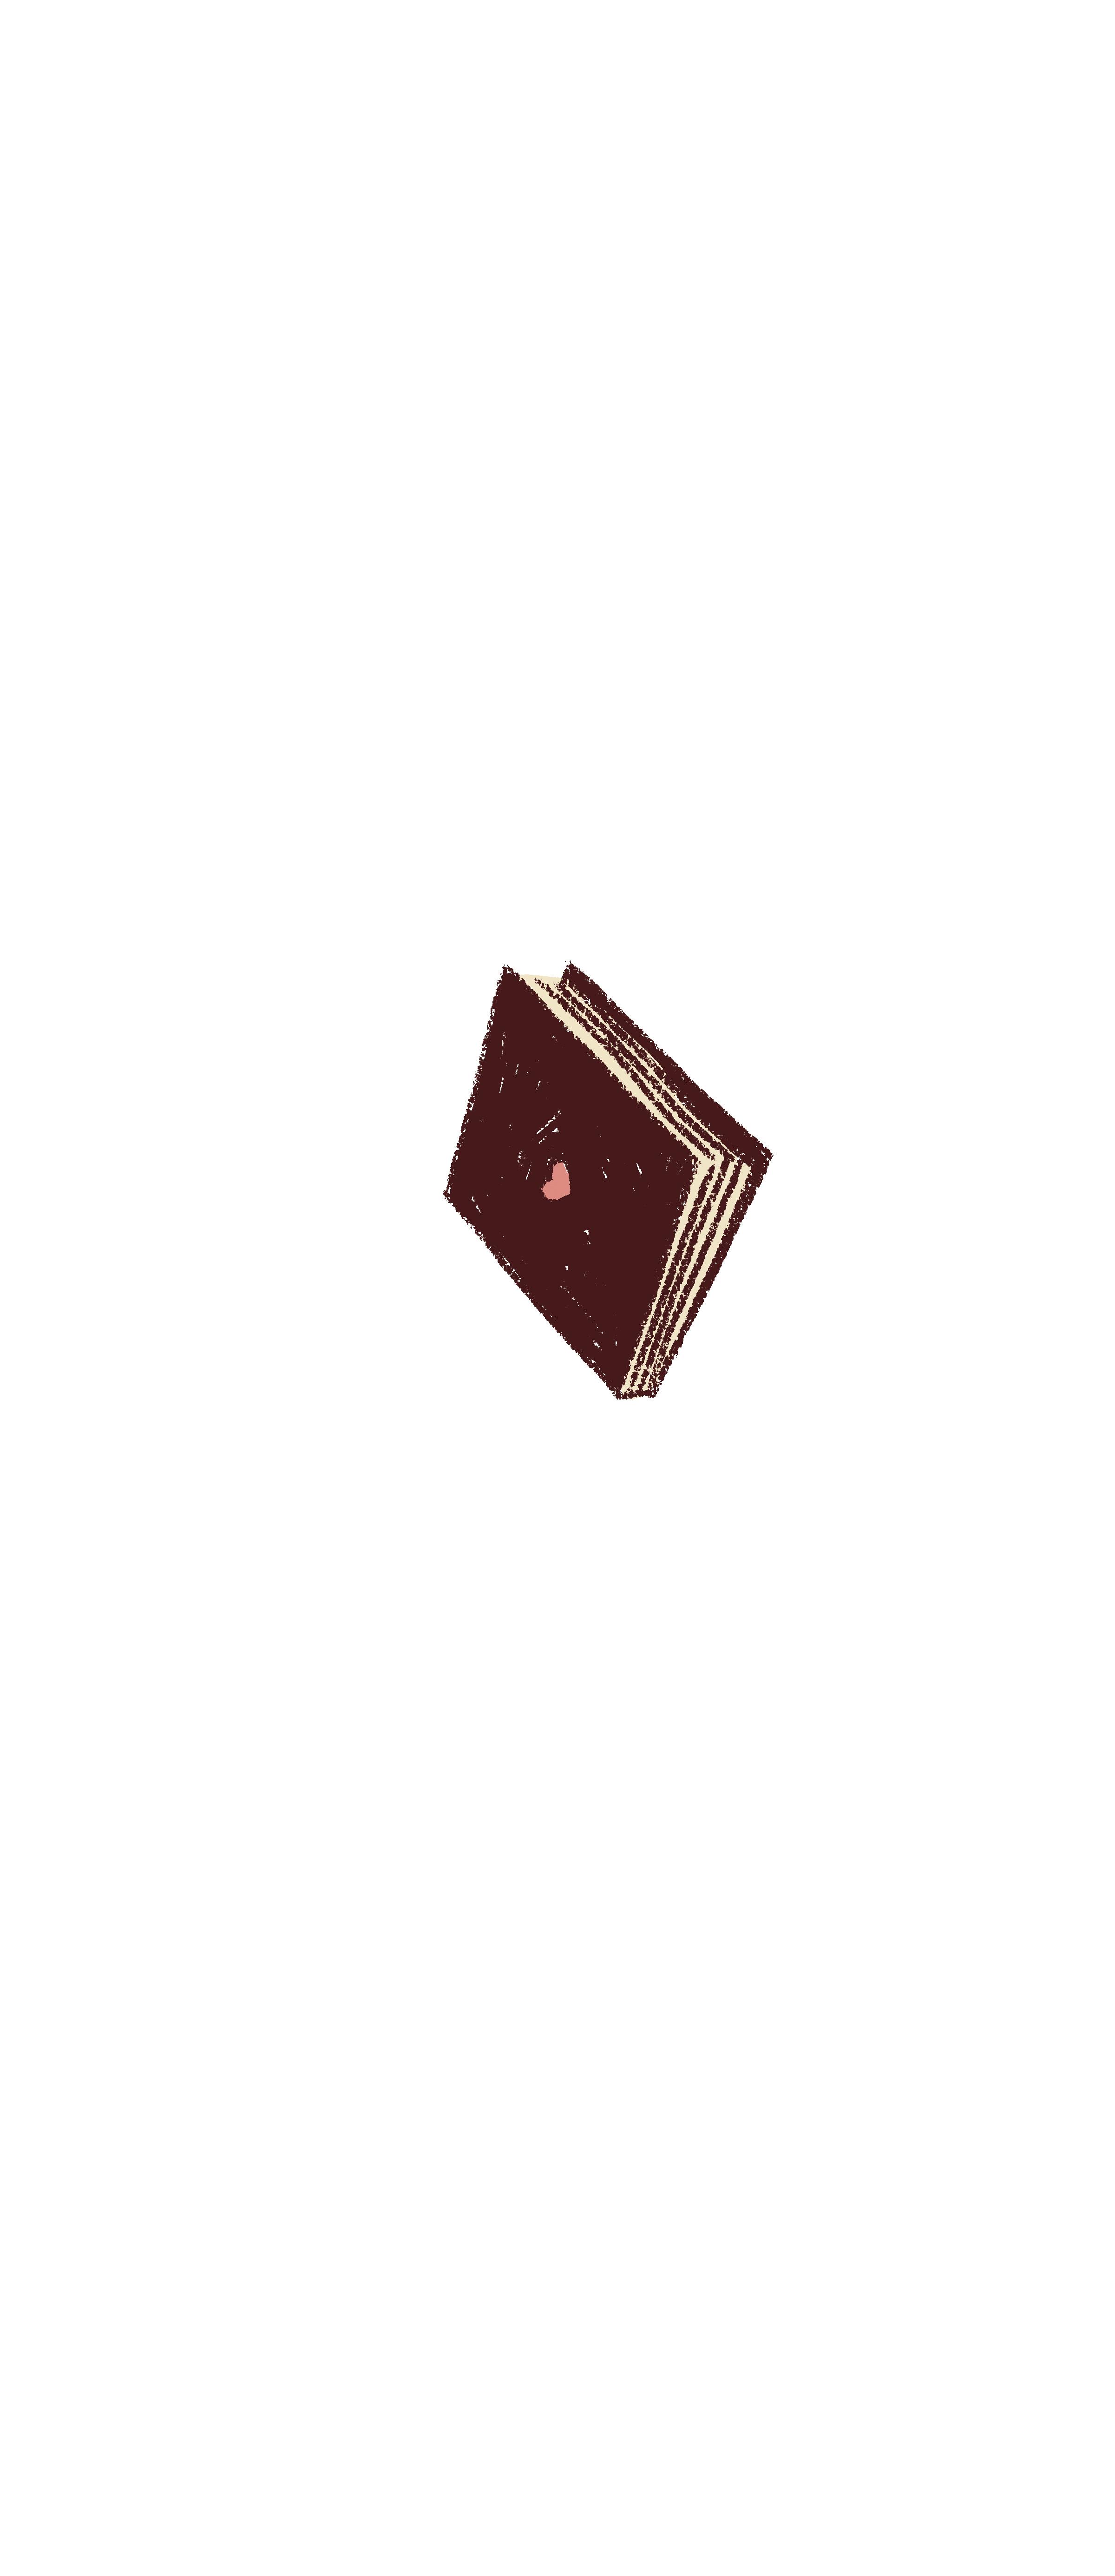 LASTNIGHT_book.jpg